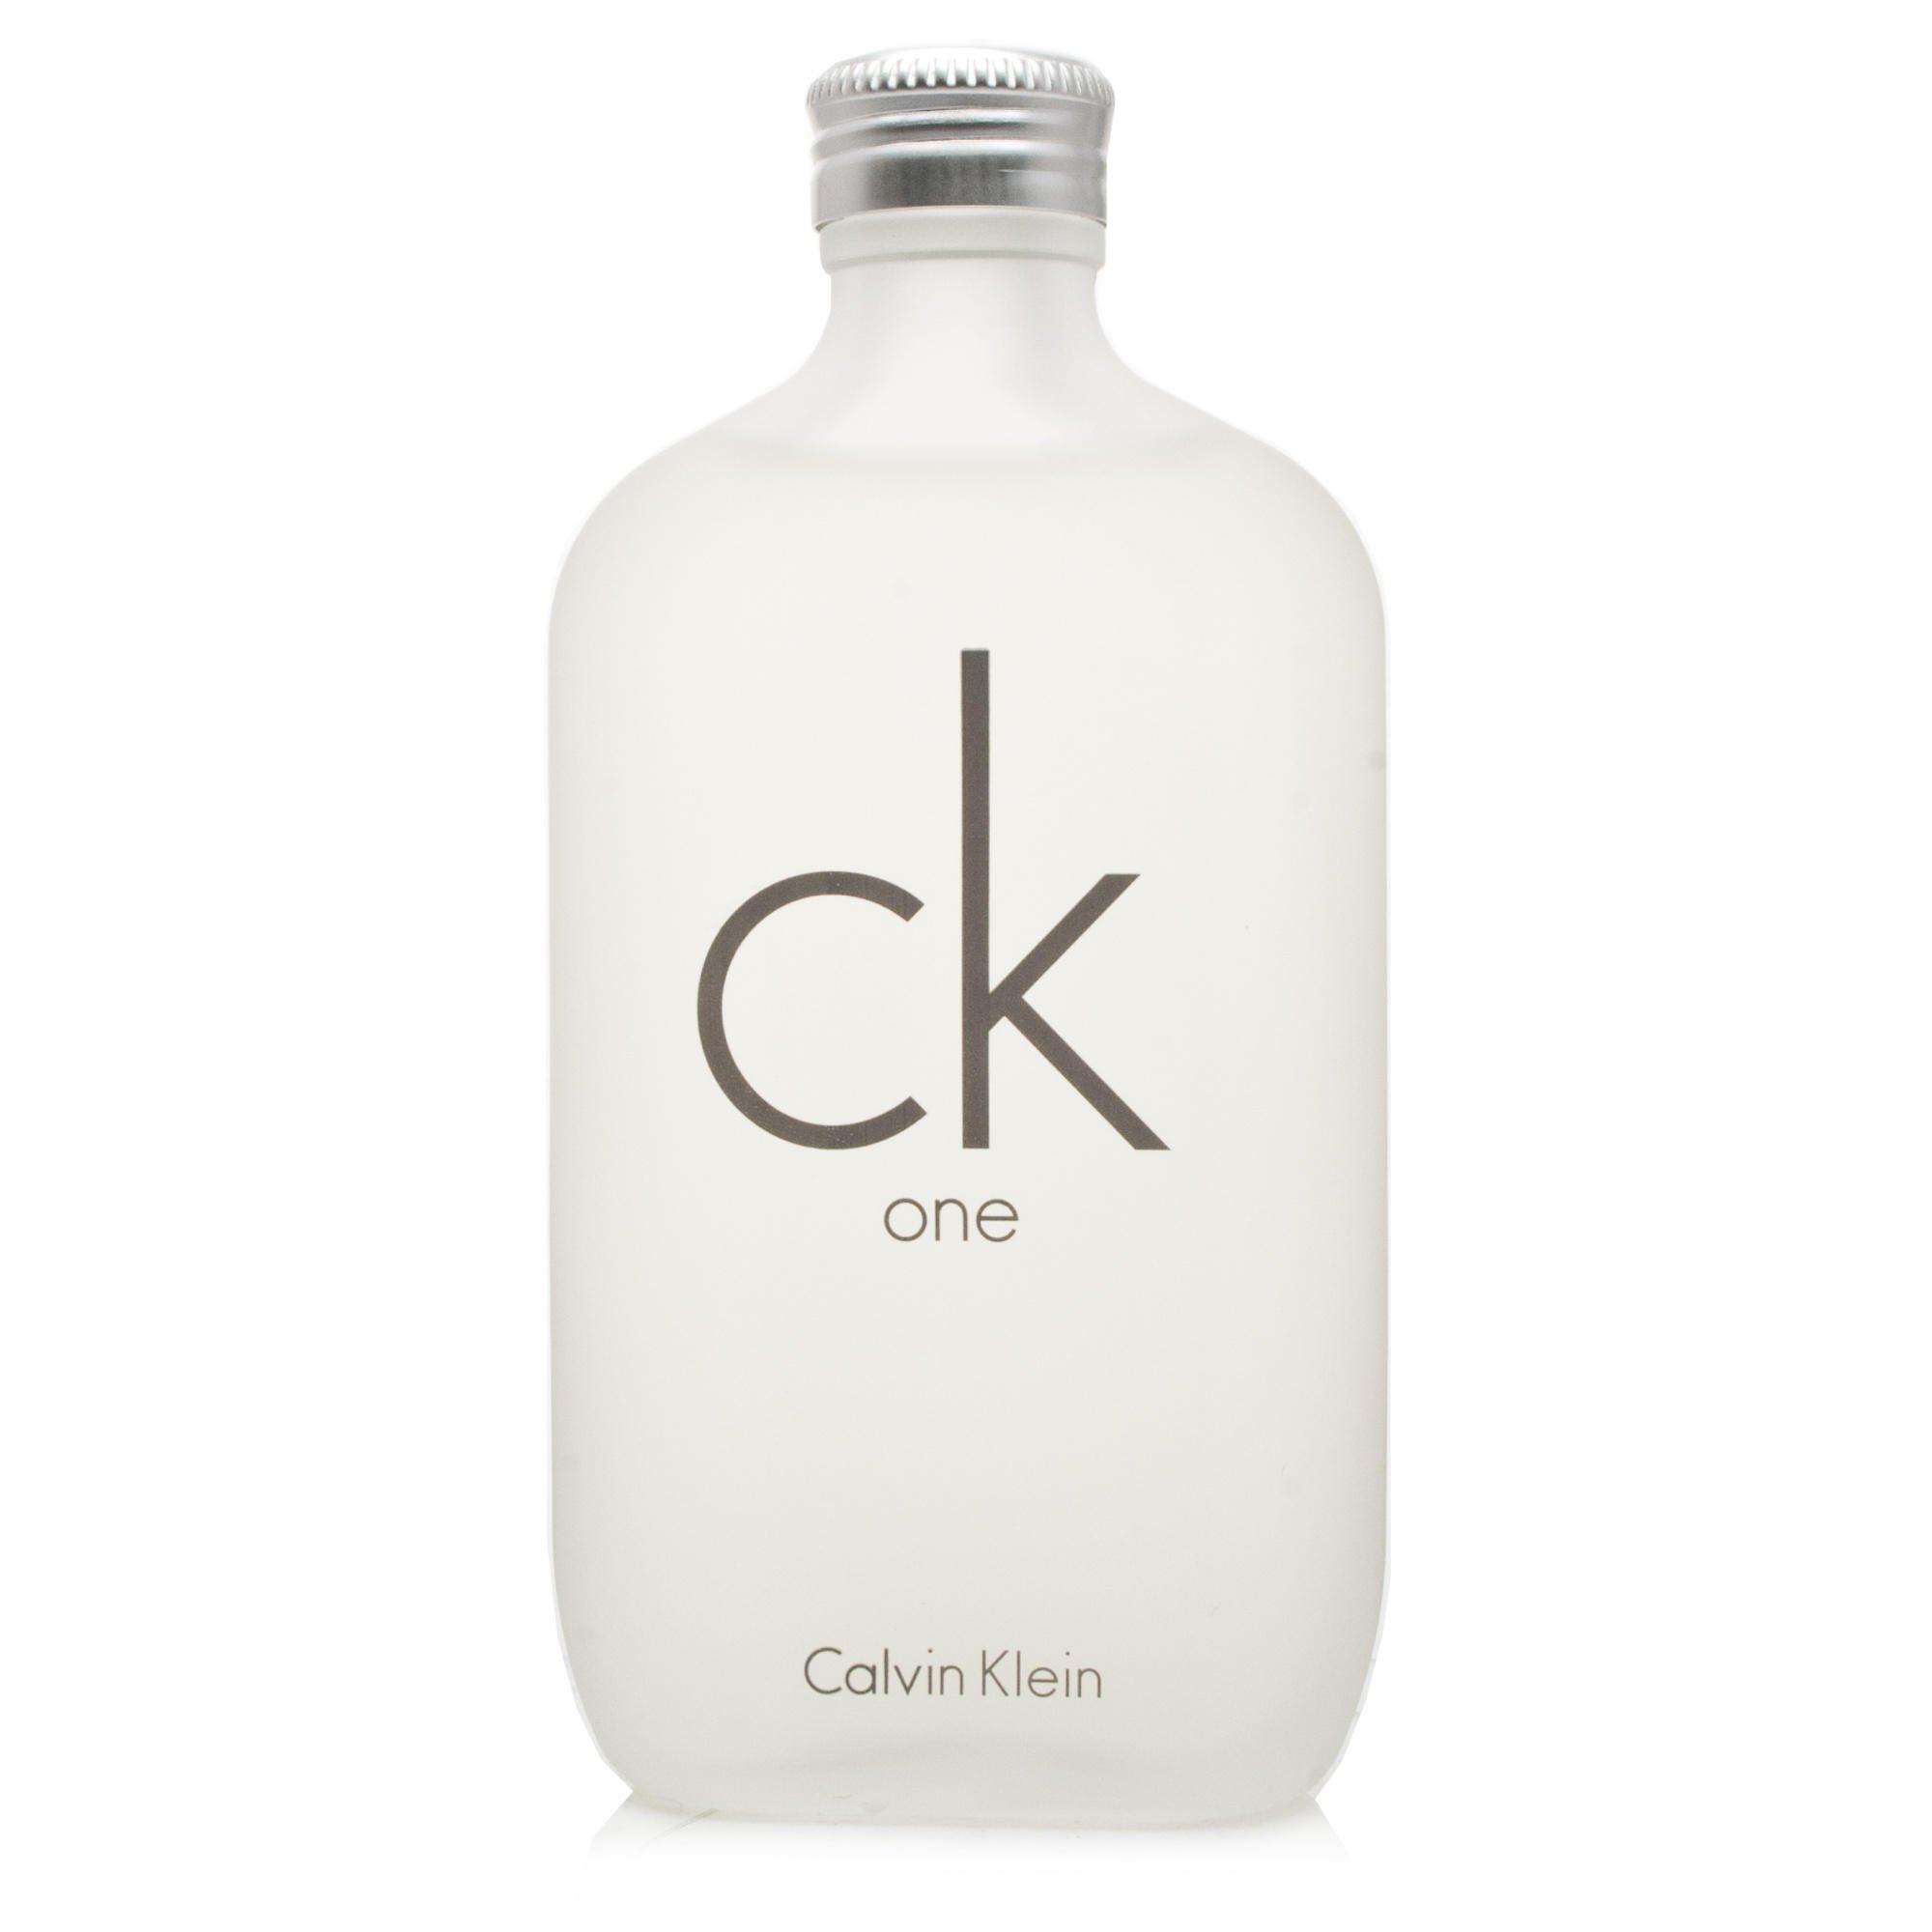 Calvin Klein - CK One 50 ml. EDT